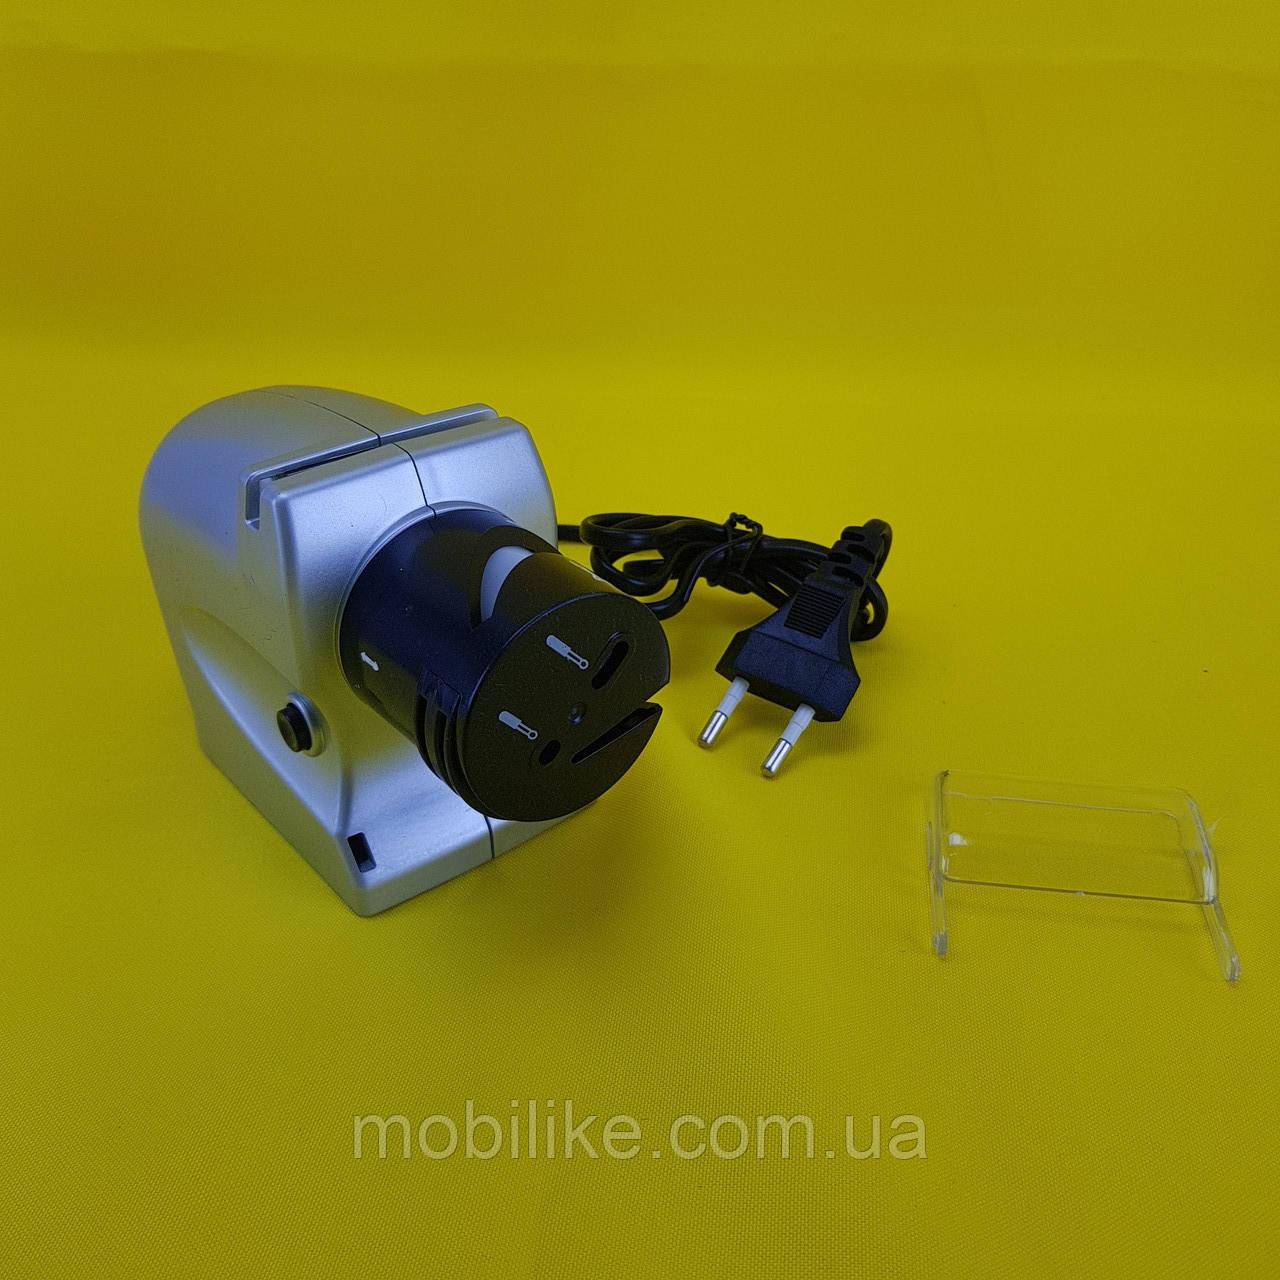 Автоматическая электрическая точилка для ножей и ножниц от сети 2 в 1